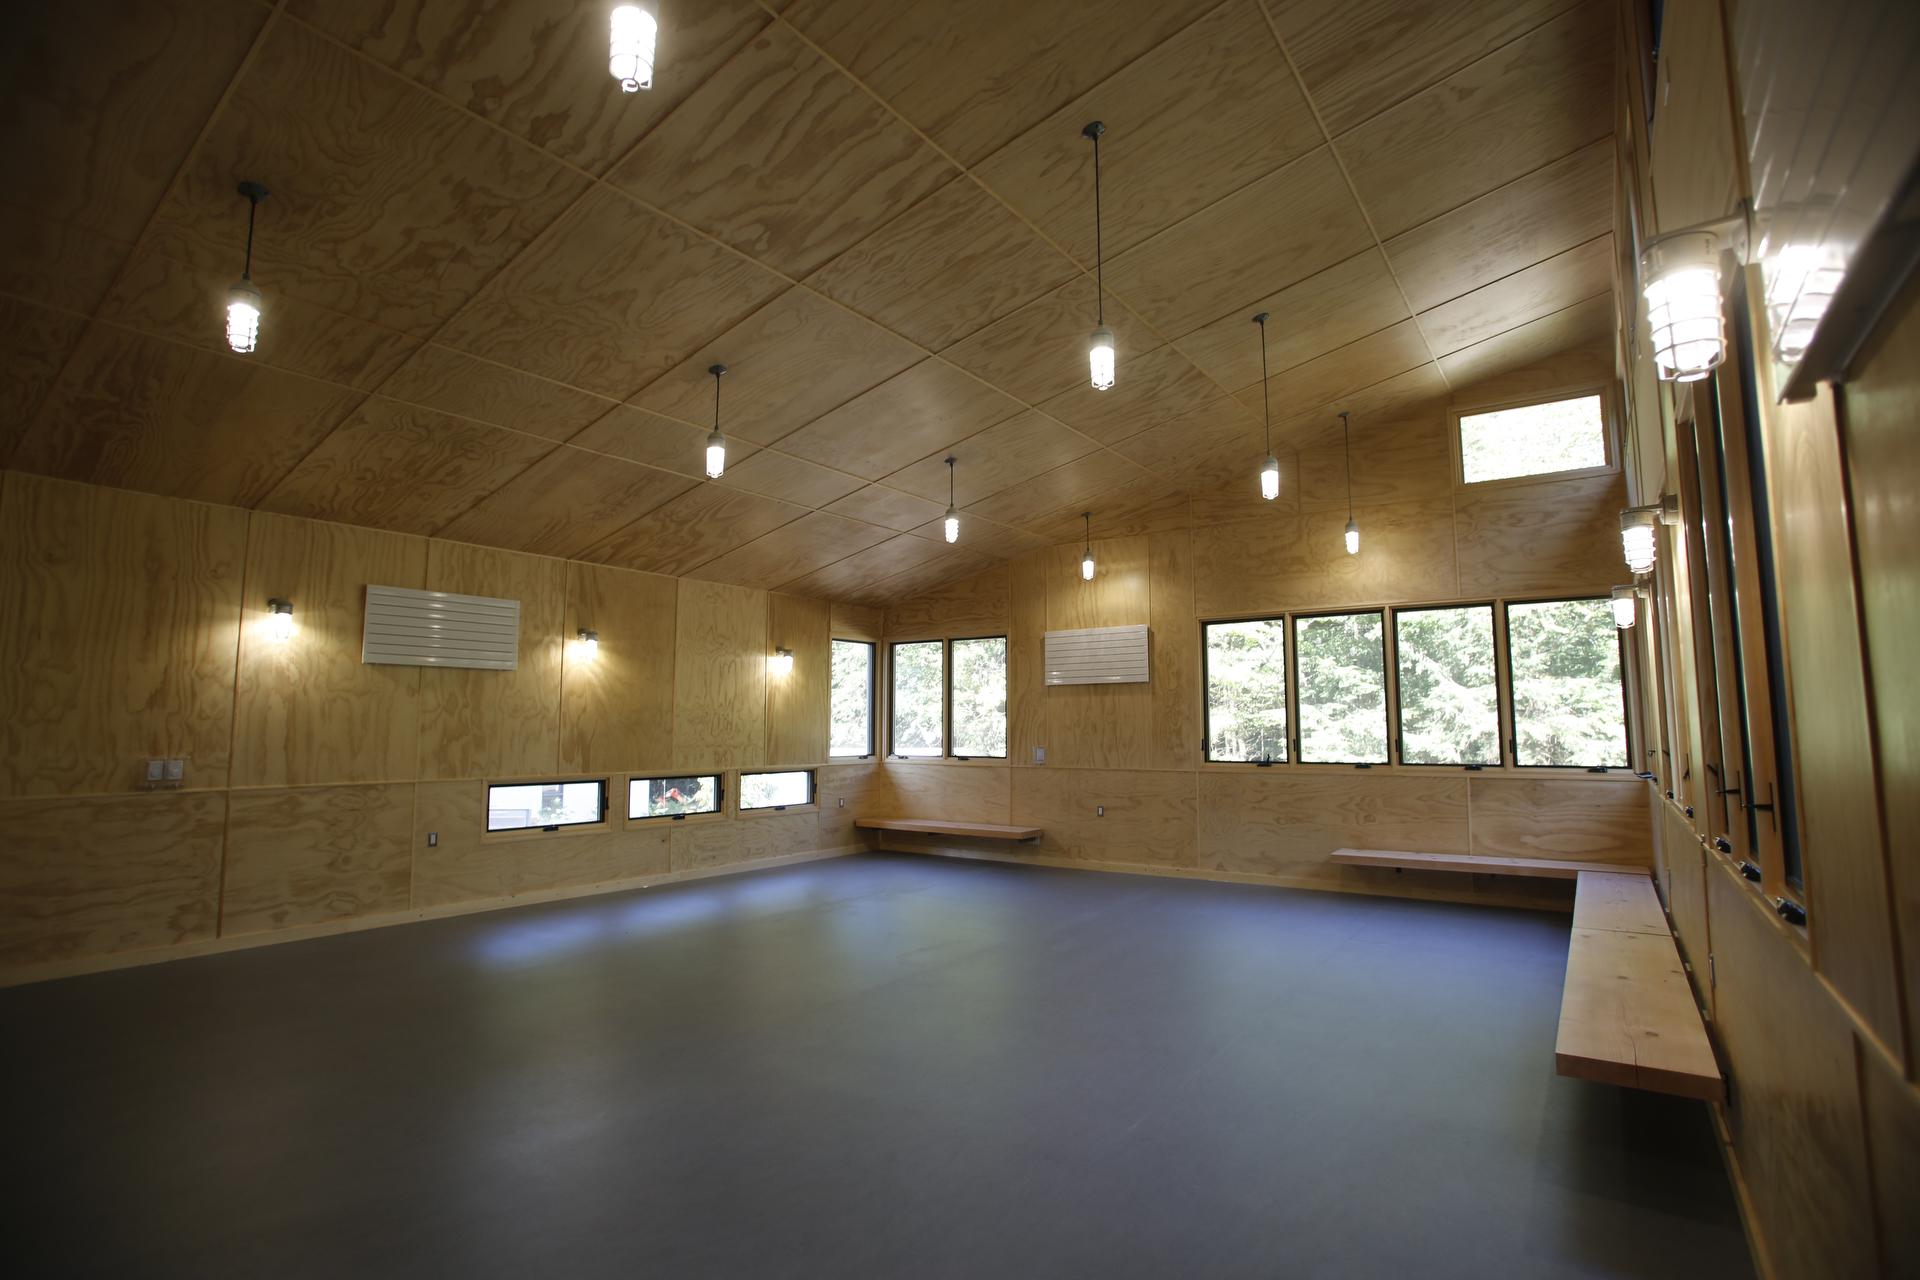 MacGillivray Common Room